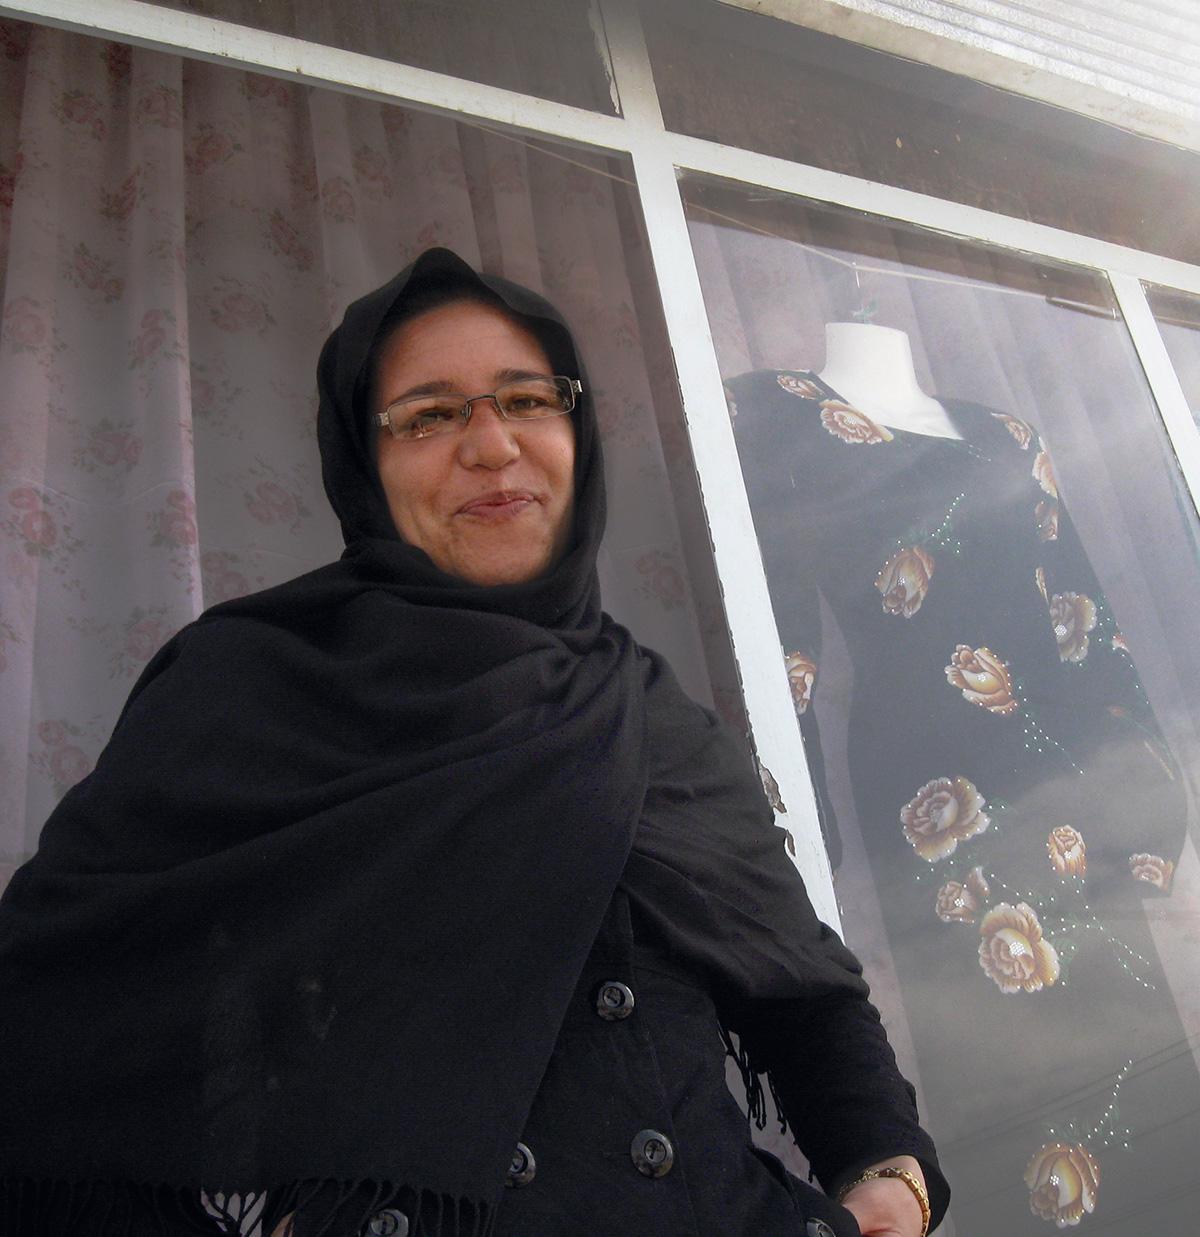 Fatima Ehsami, em 2011: a corajosa estilista que abriu sua própria loja em Cabul